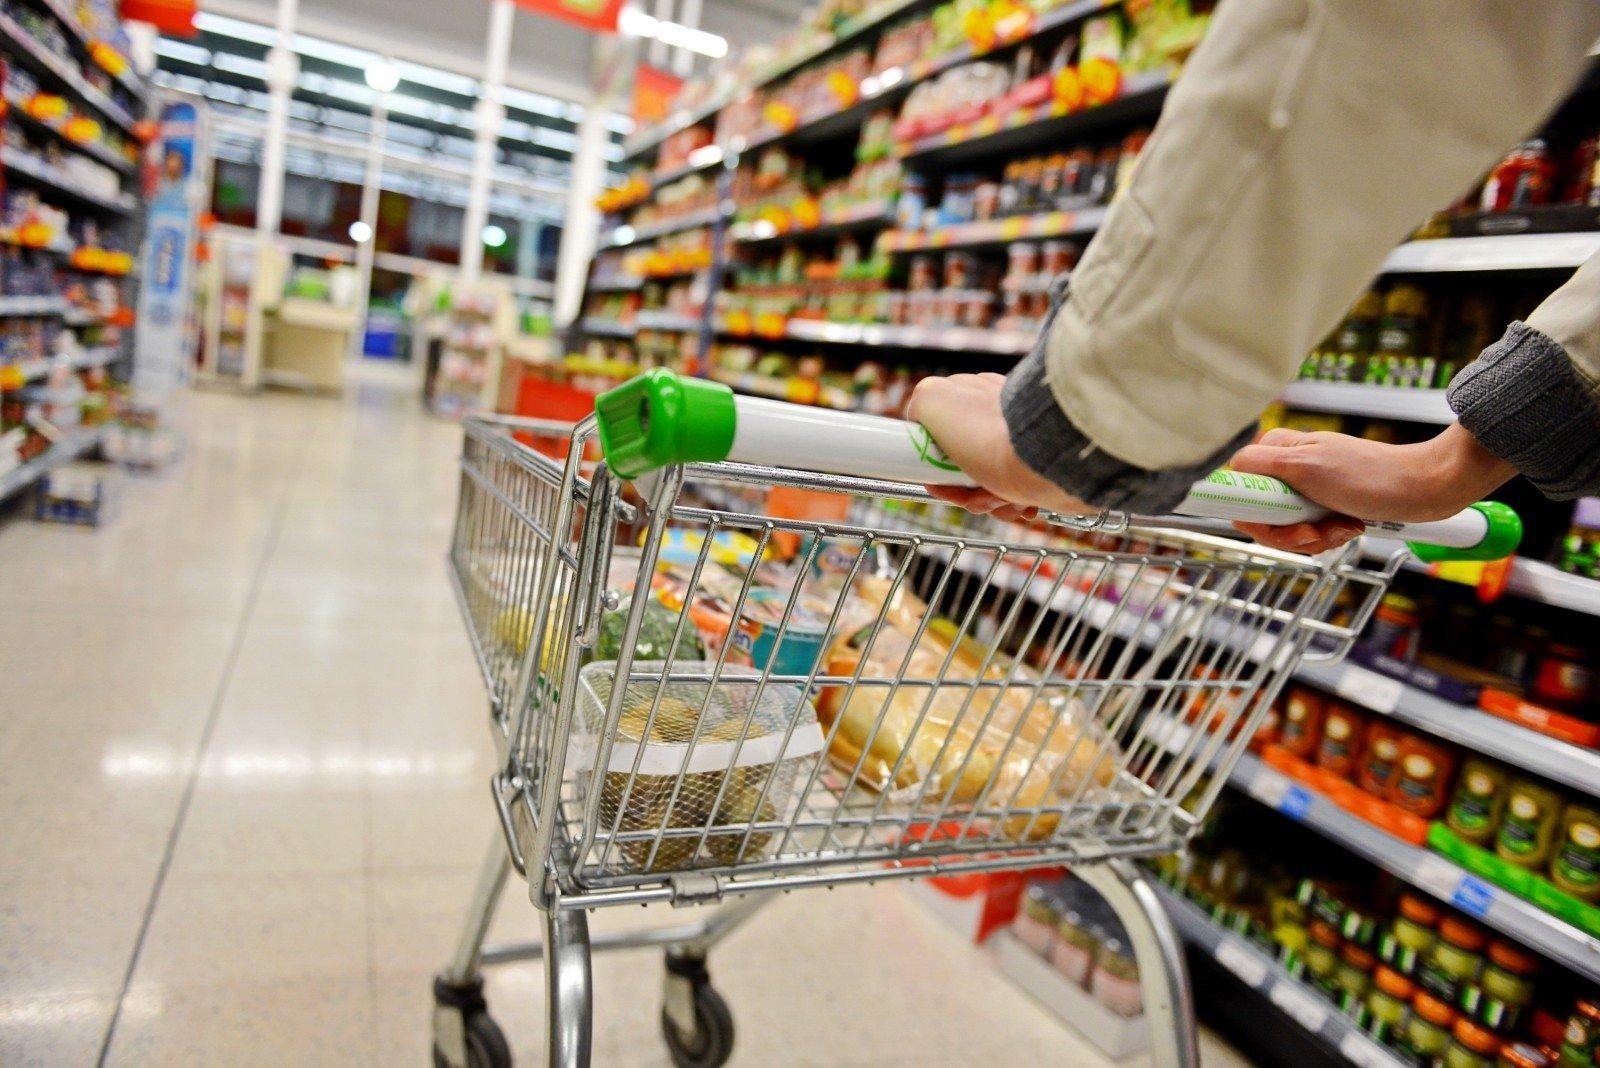 apibrėžti prekybos rodiklius td ameritrade opciono prekybos lygiai